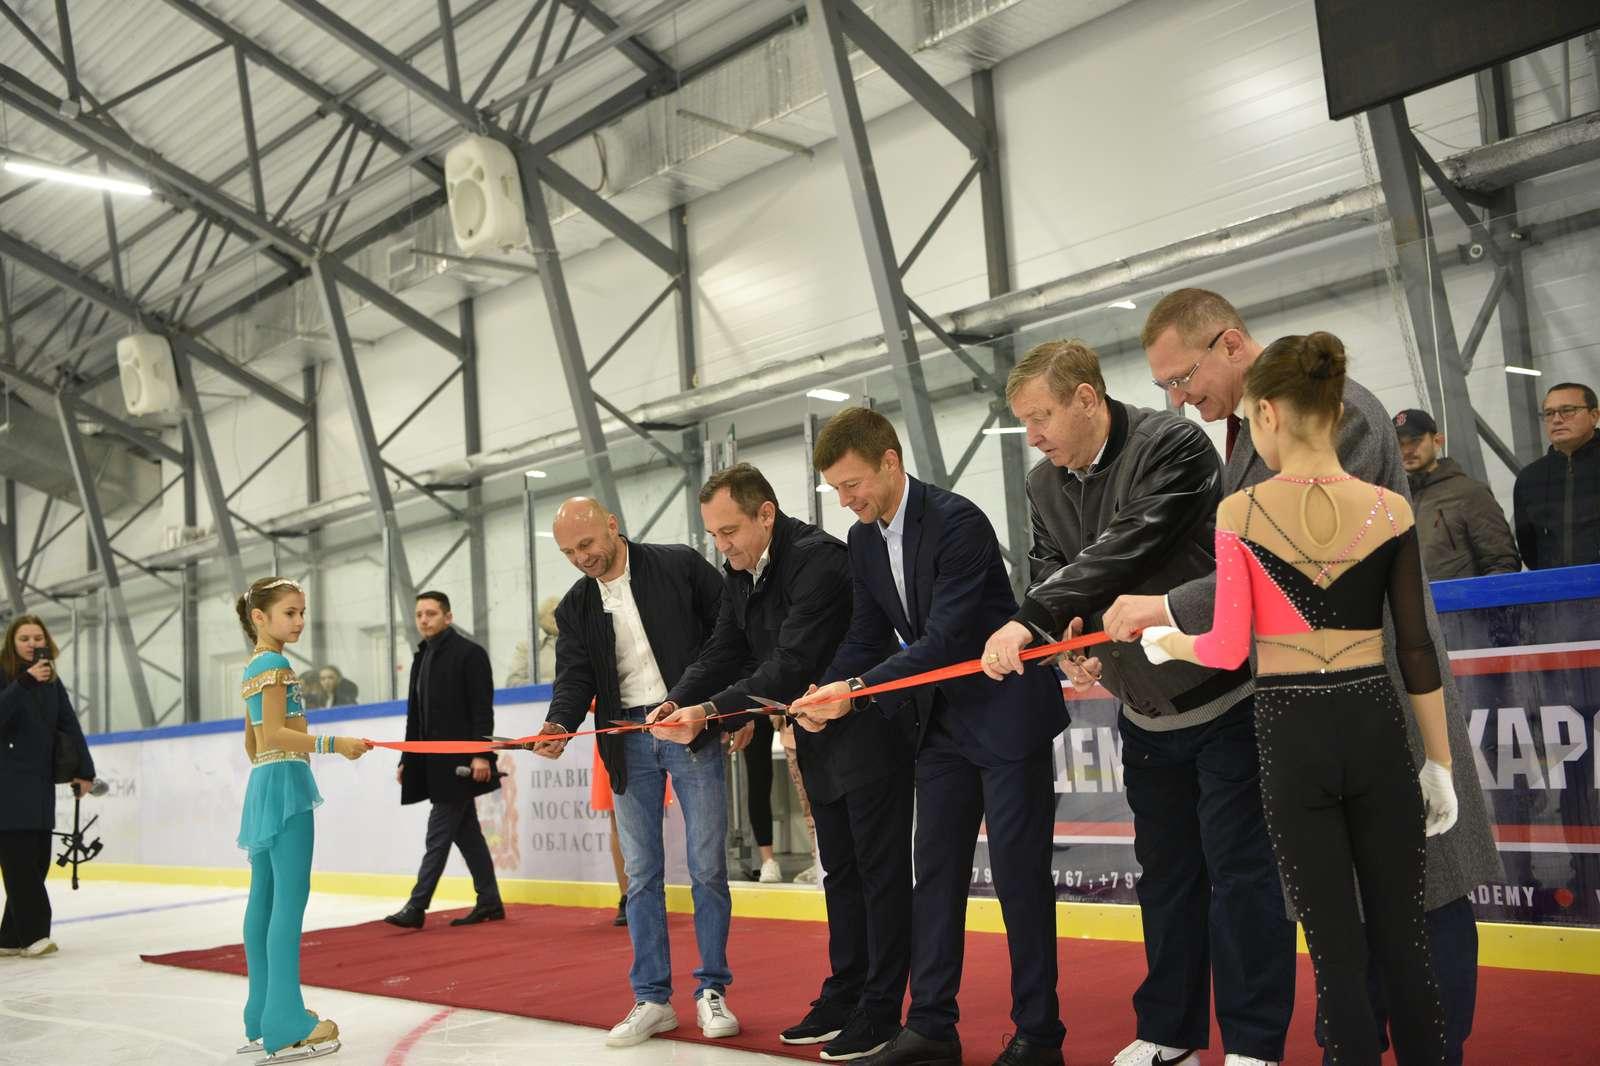 Новую ледовую арену открыли в Балашихе в День города | Изображение 1